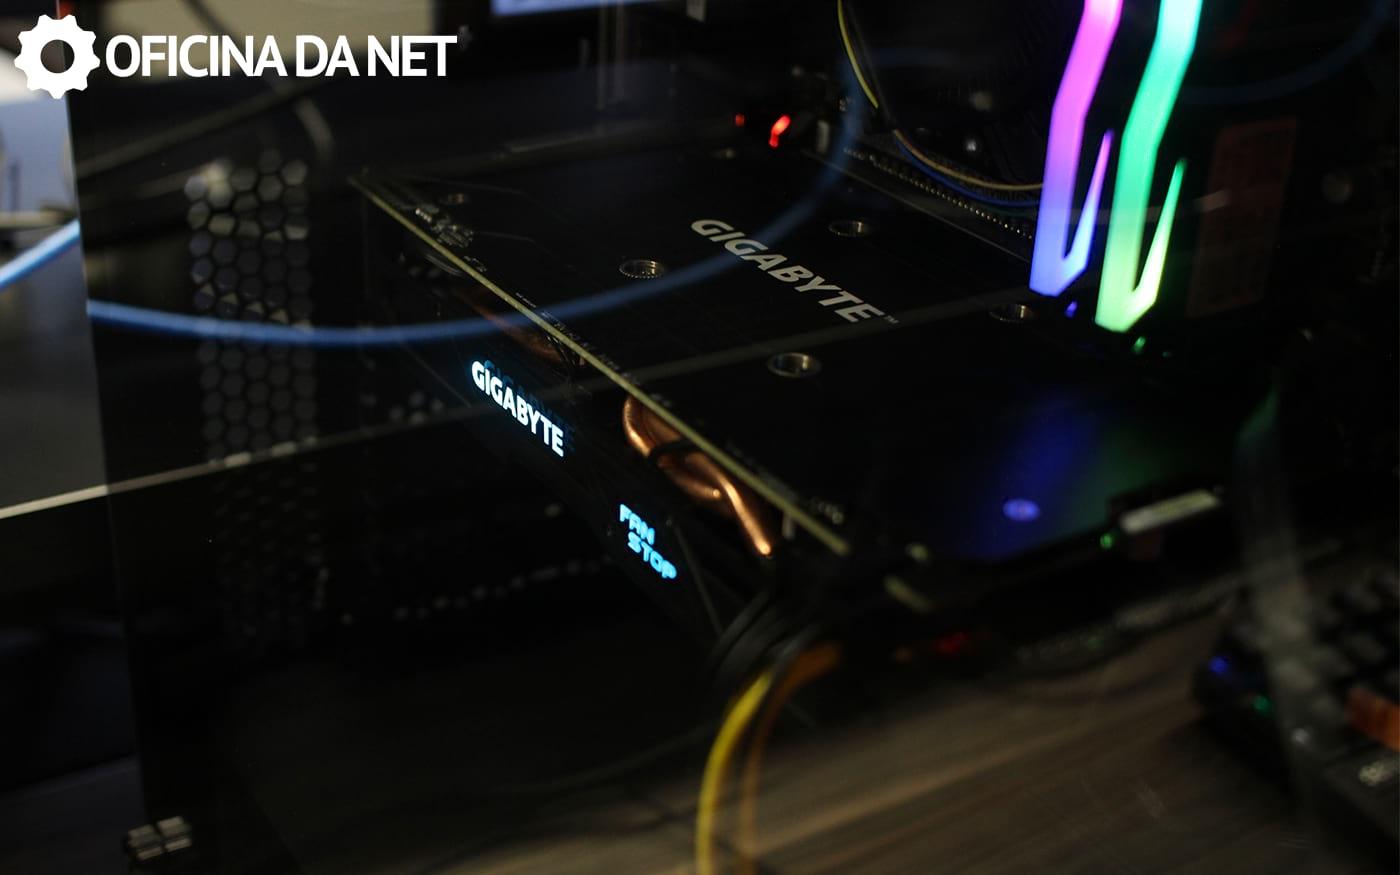 Montamos um PC Custo x Benefício de R$ 3000 - Roda tudo?